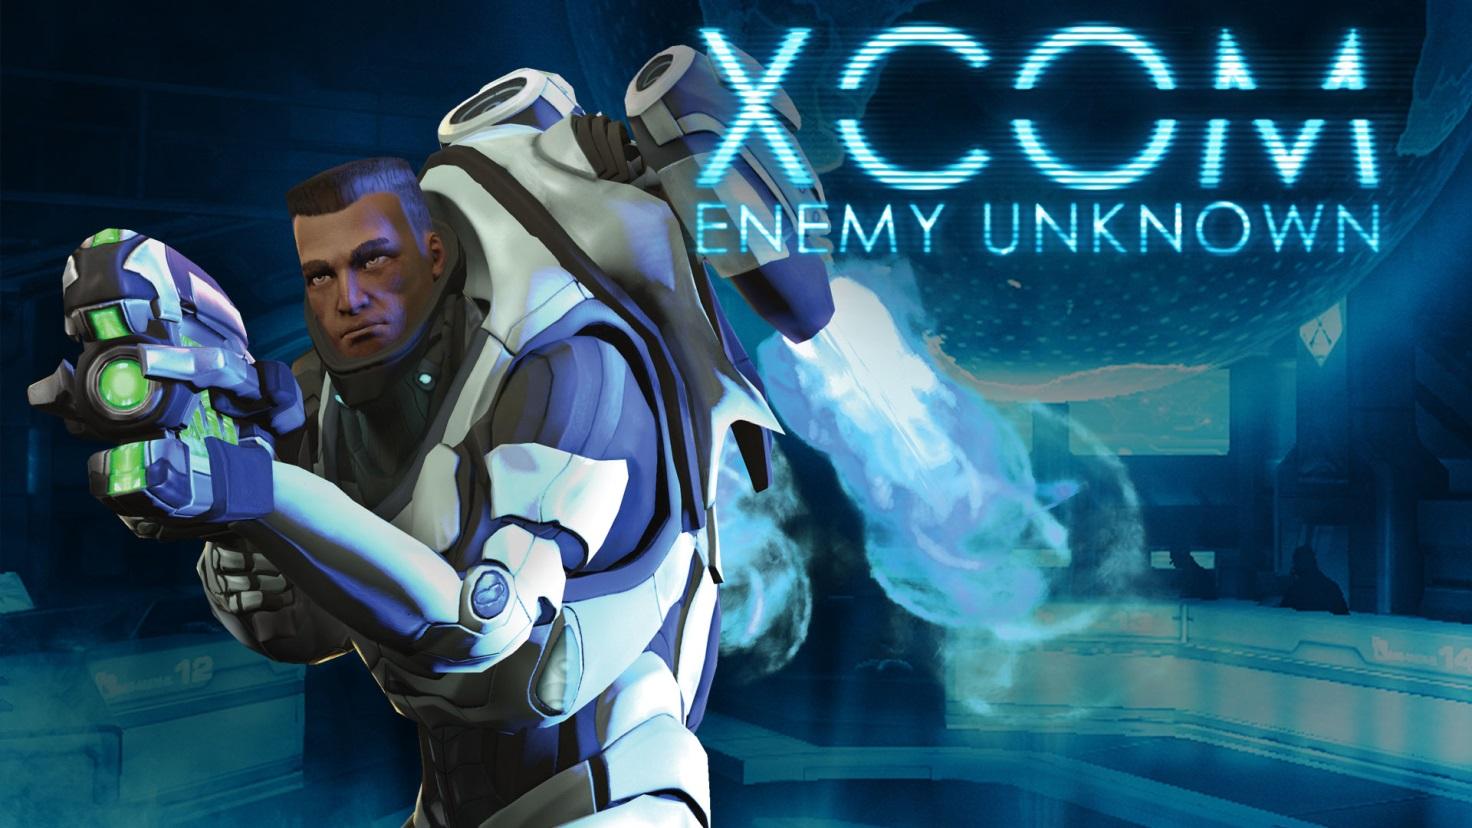 Картинки по запросу XCOM: Enemy Unknown logo